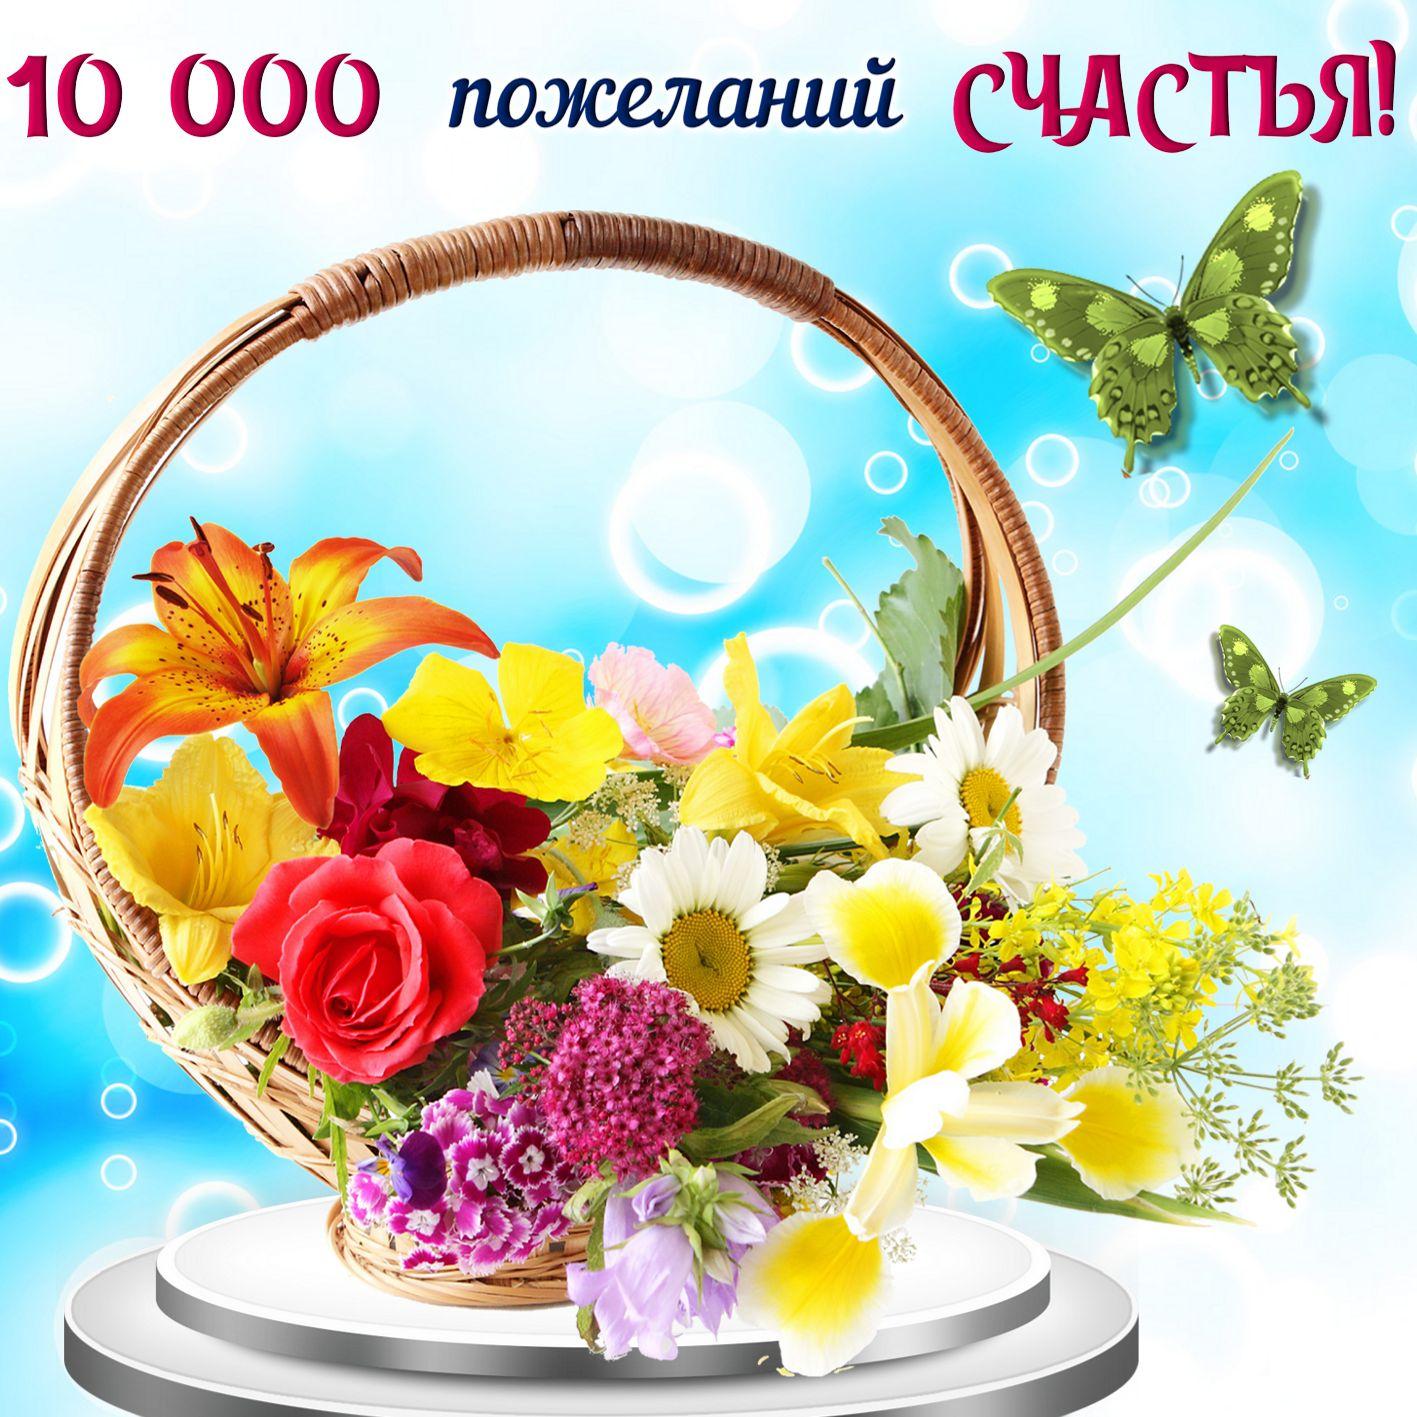 Цветы с пожеланиями картинки